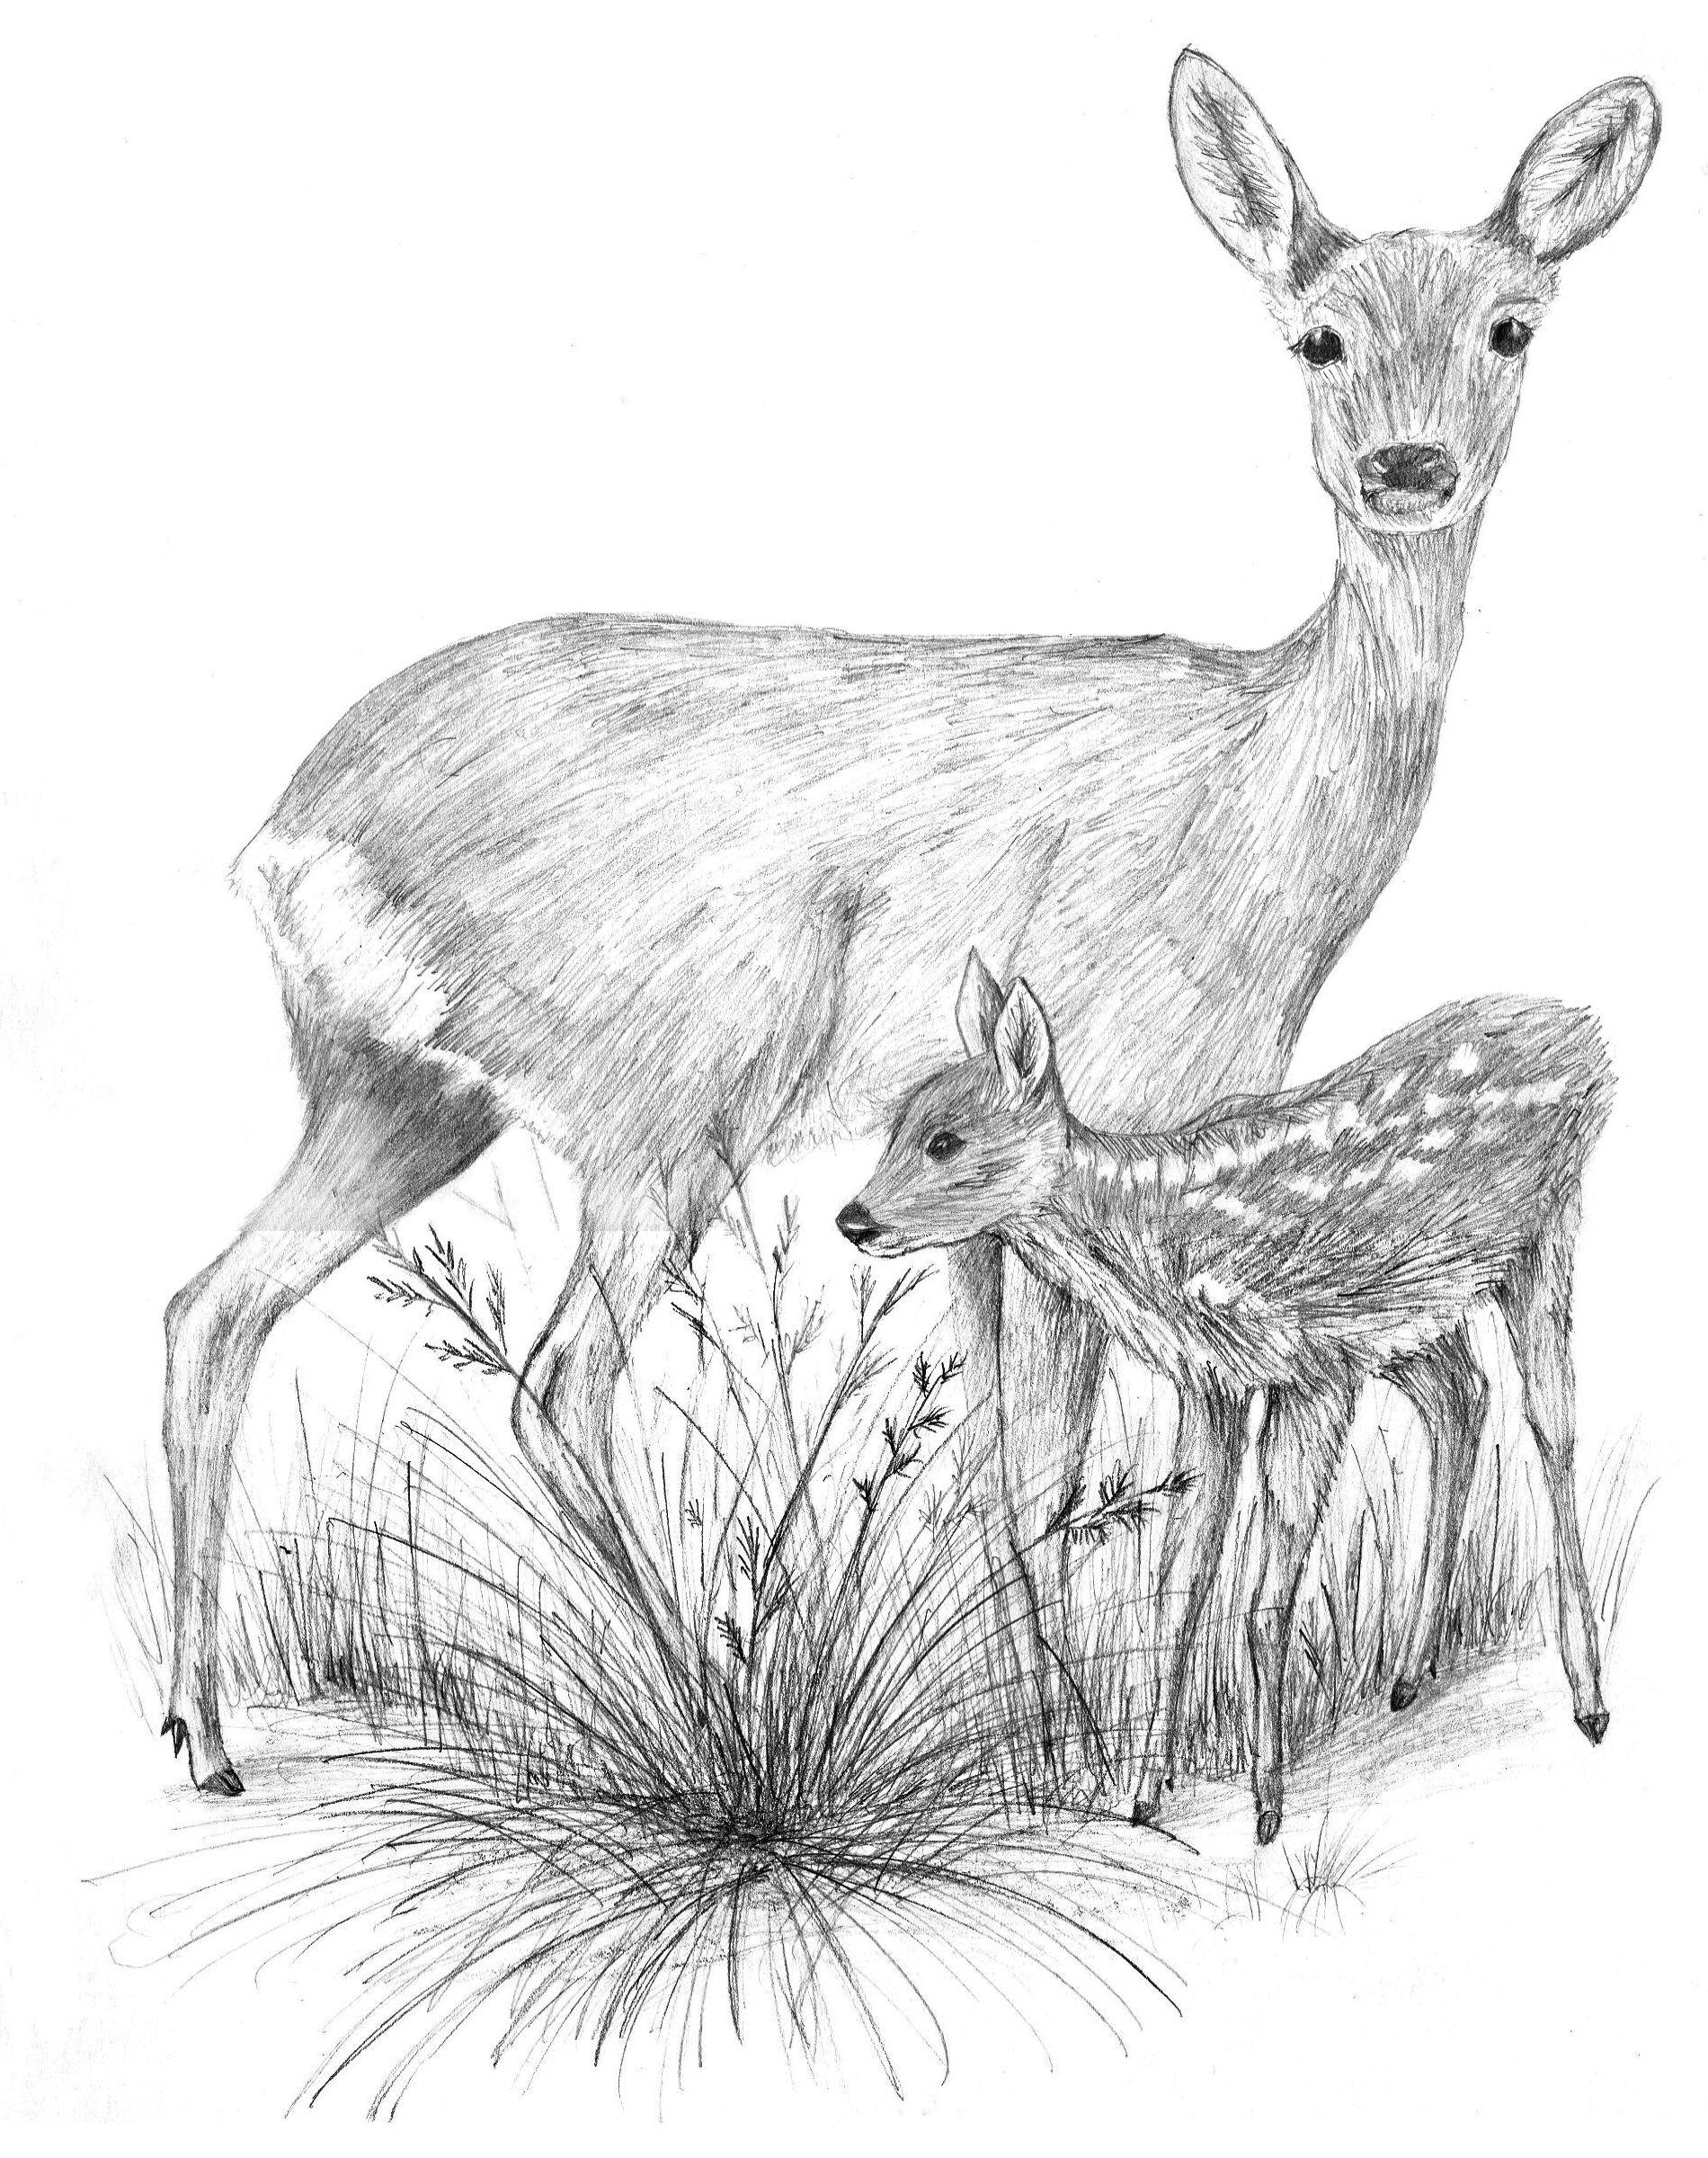 Line Drawings Of Animals Deer : Baby deer drawing tumblr pencil drawings